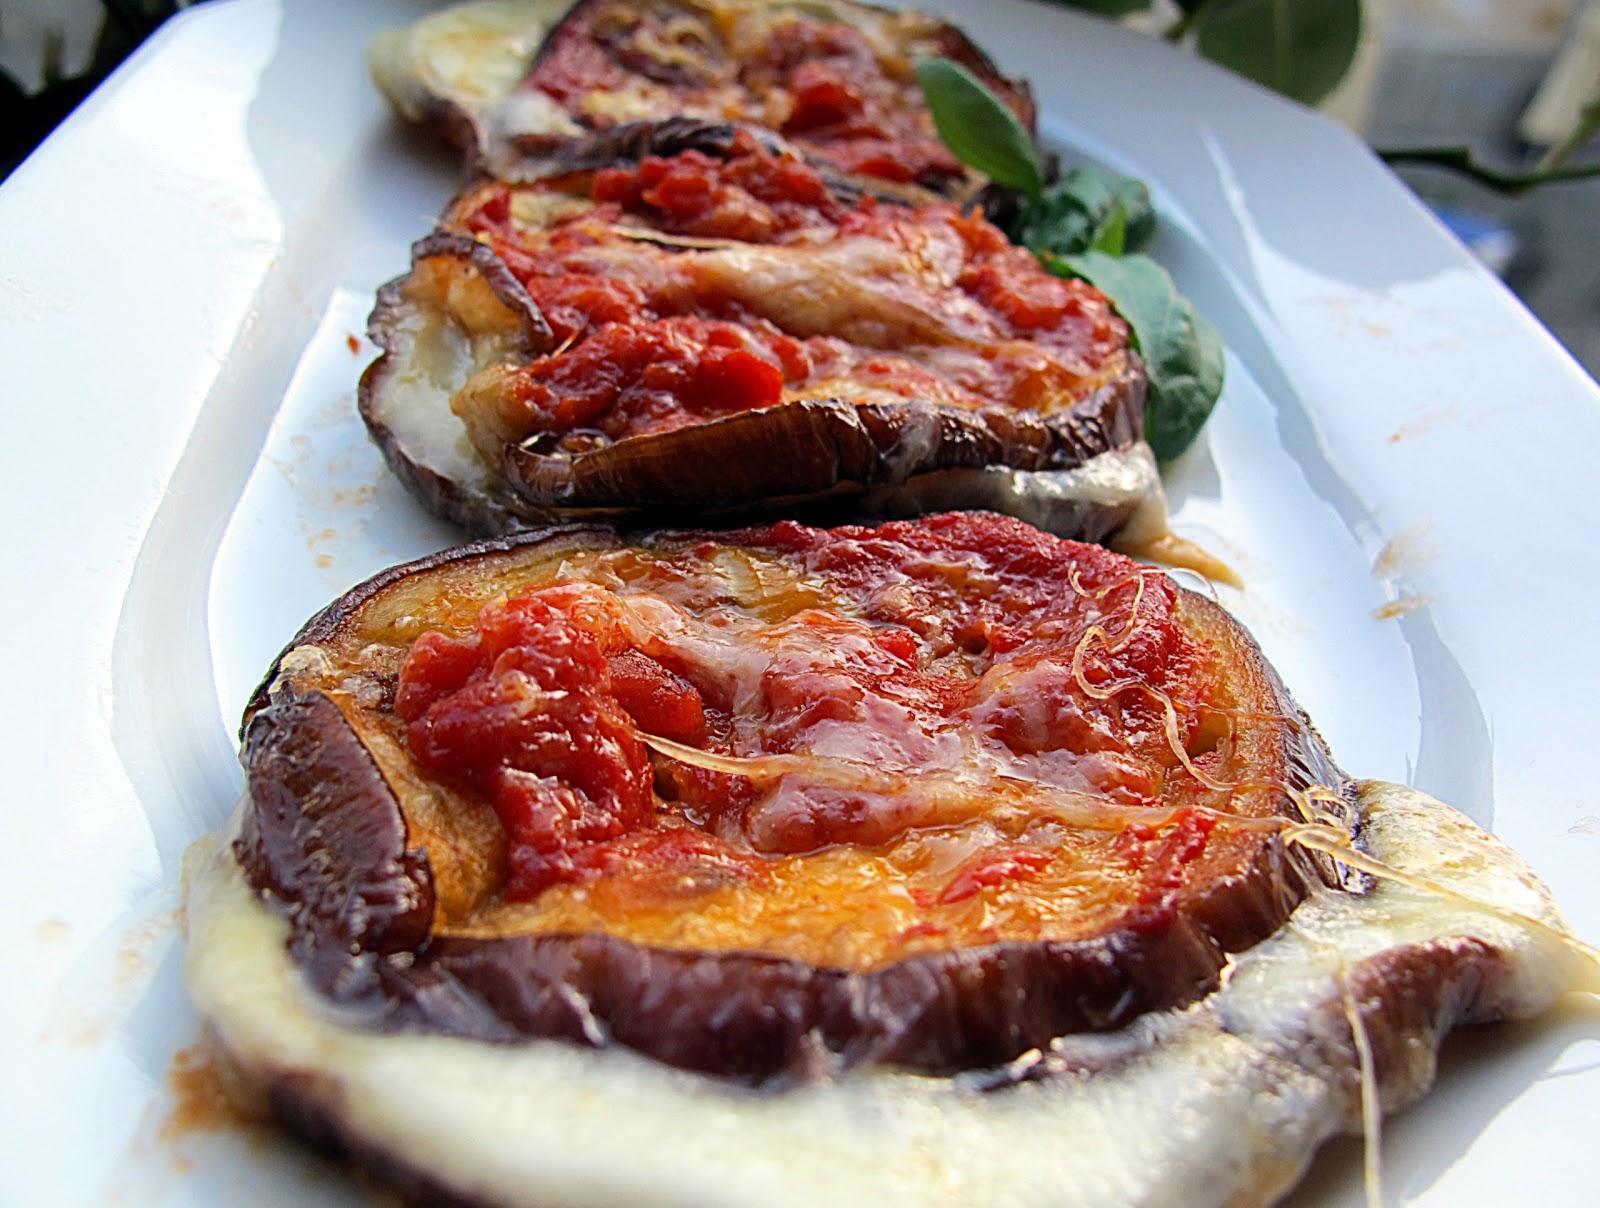 Ben noto Tentazioni di gusto: Parmigiana di melanzane leggera OK92